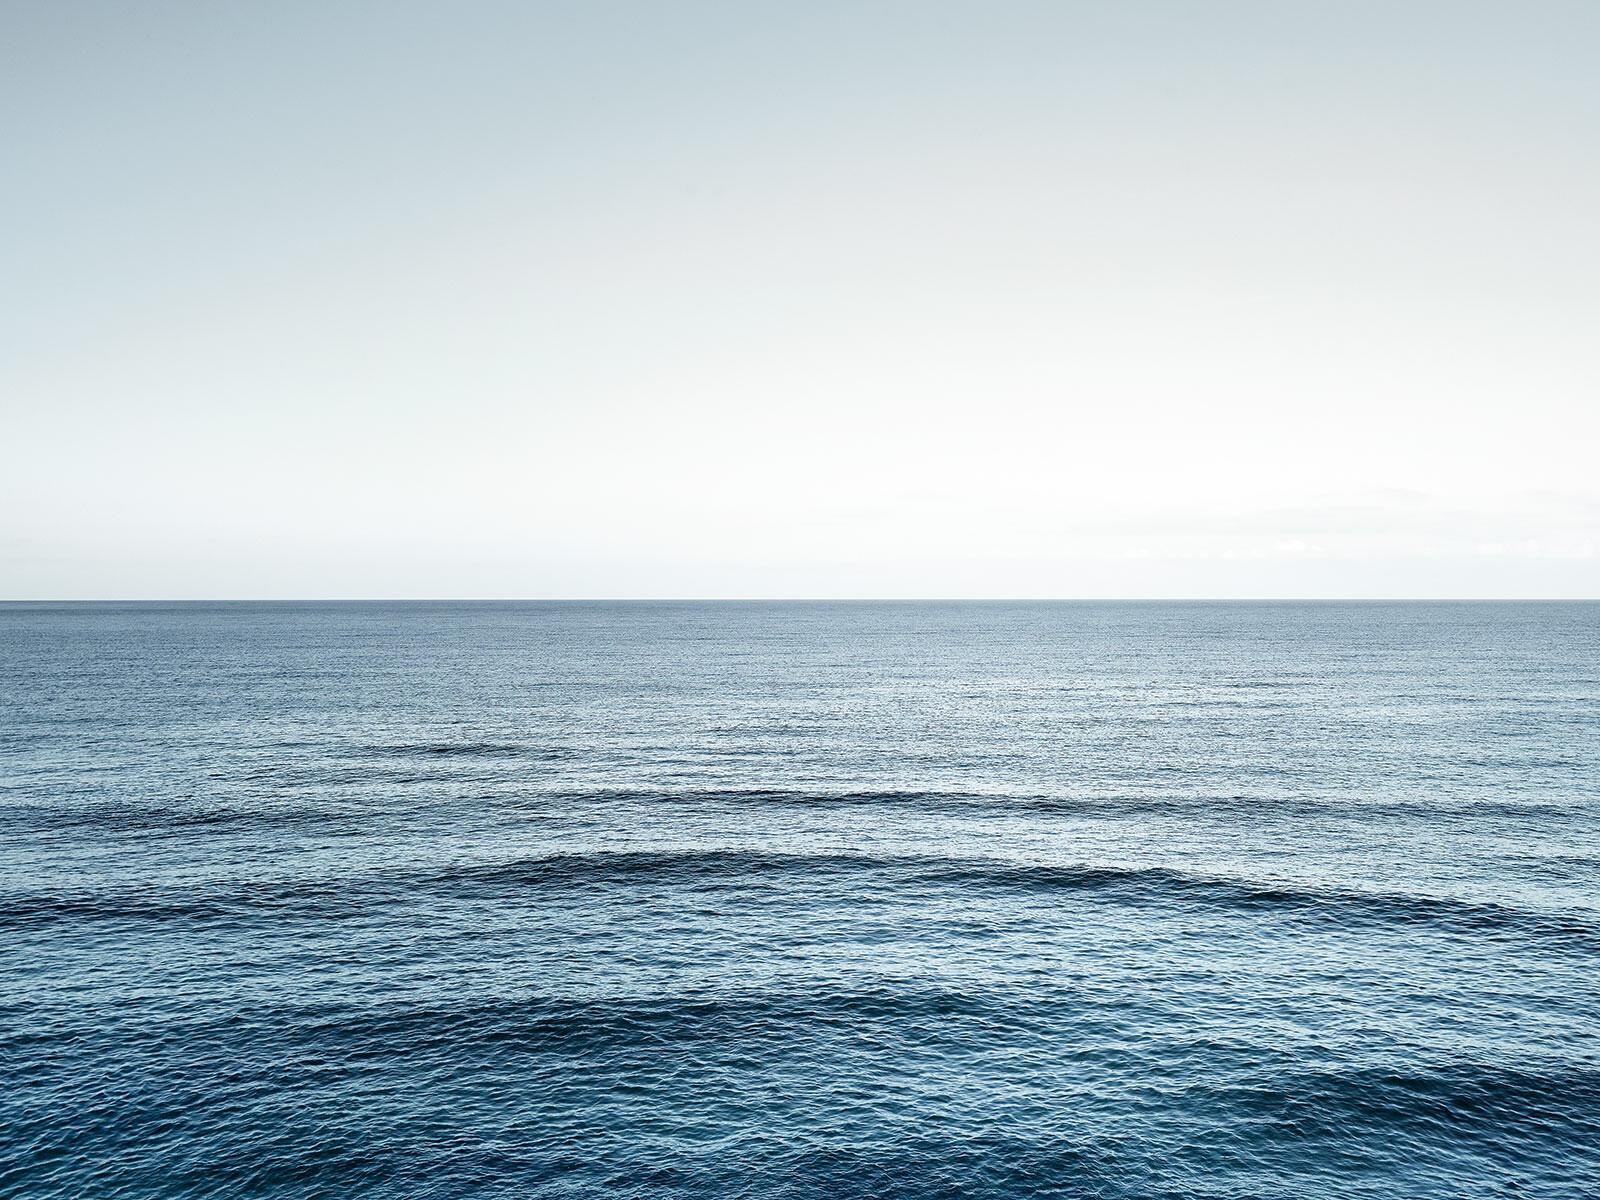 Sea #9 - Wolfgang Uhlig